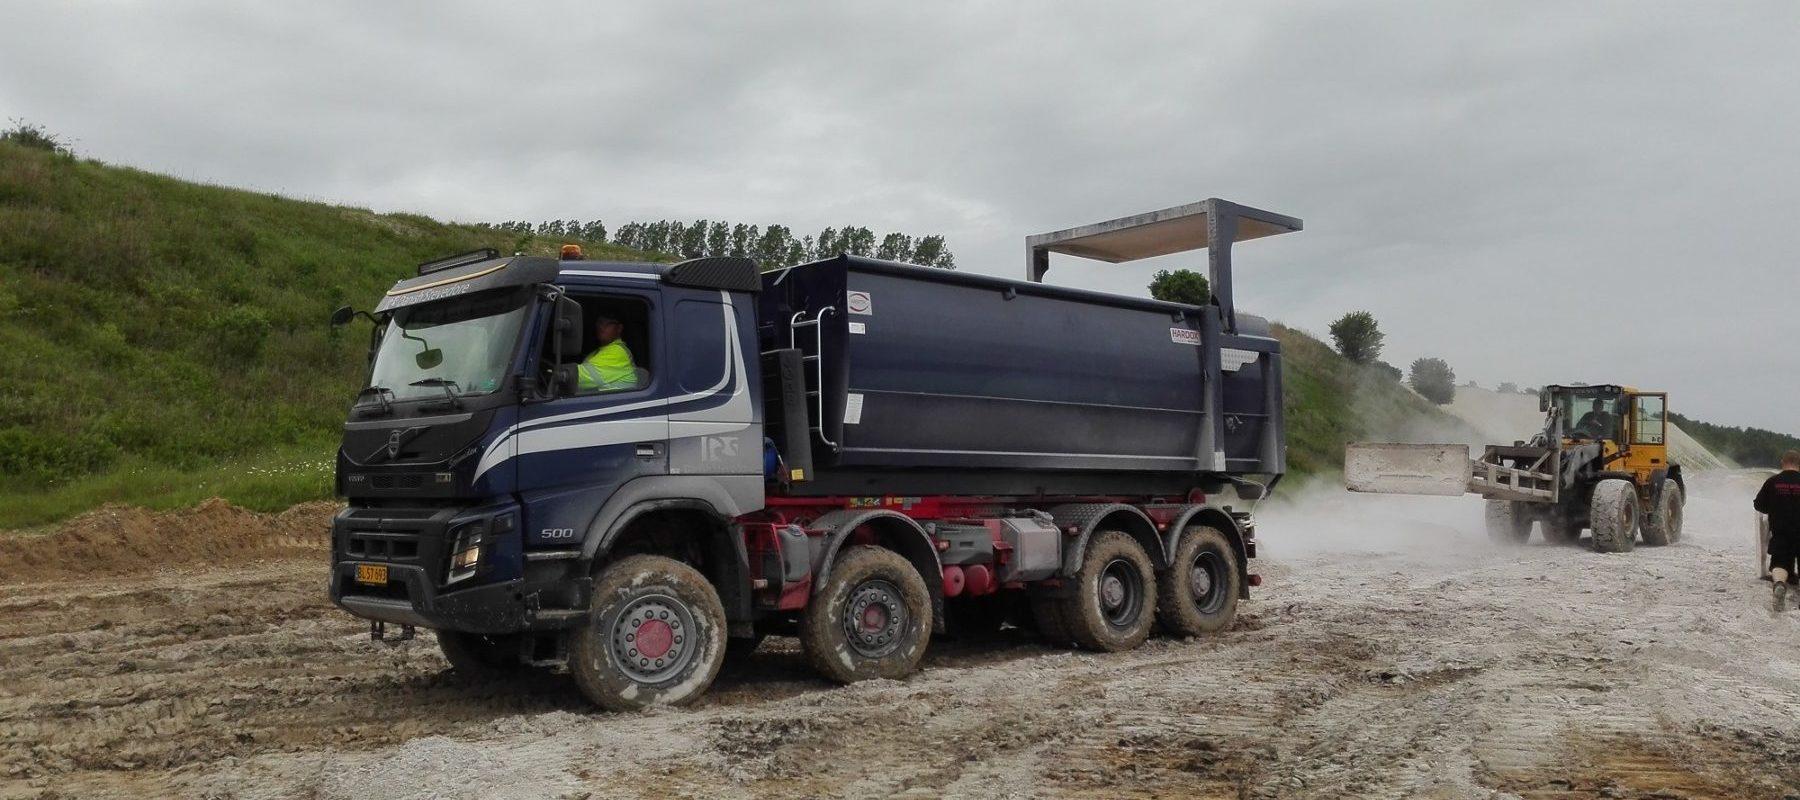 kontener na odpady budowlany